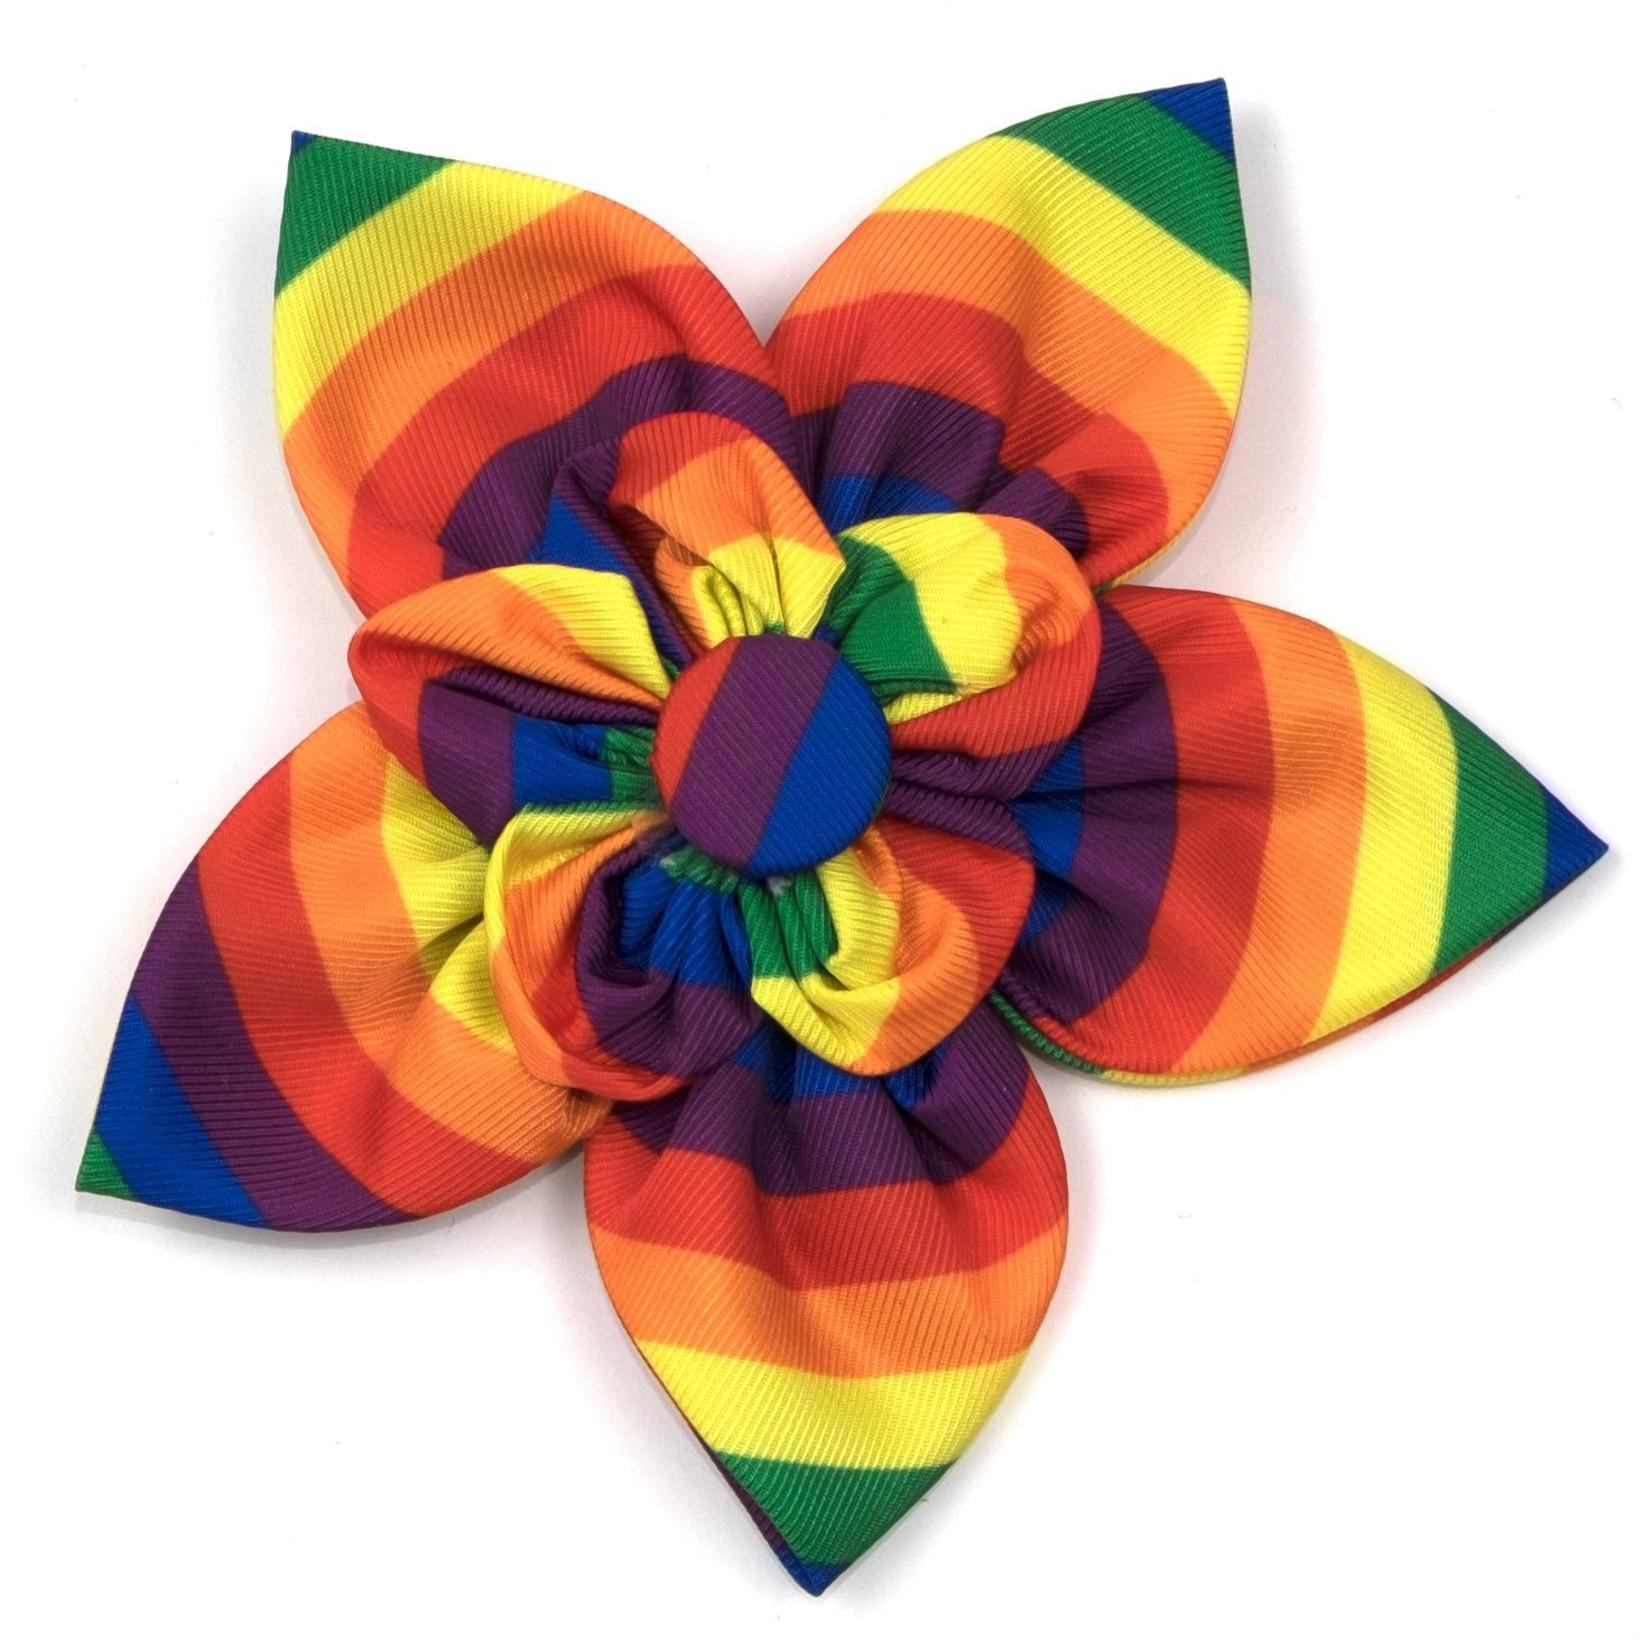 Worthy Dog The Worthy Dog Flower Rainbow